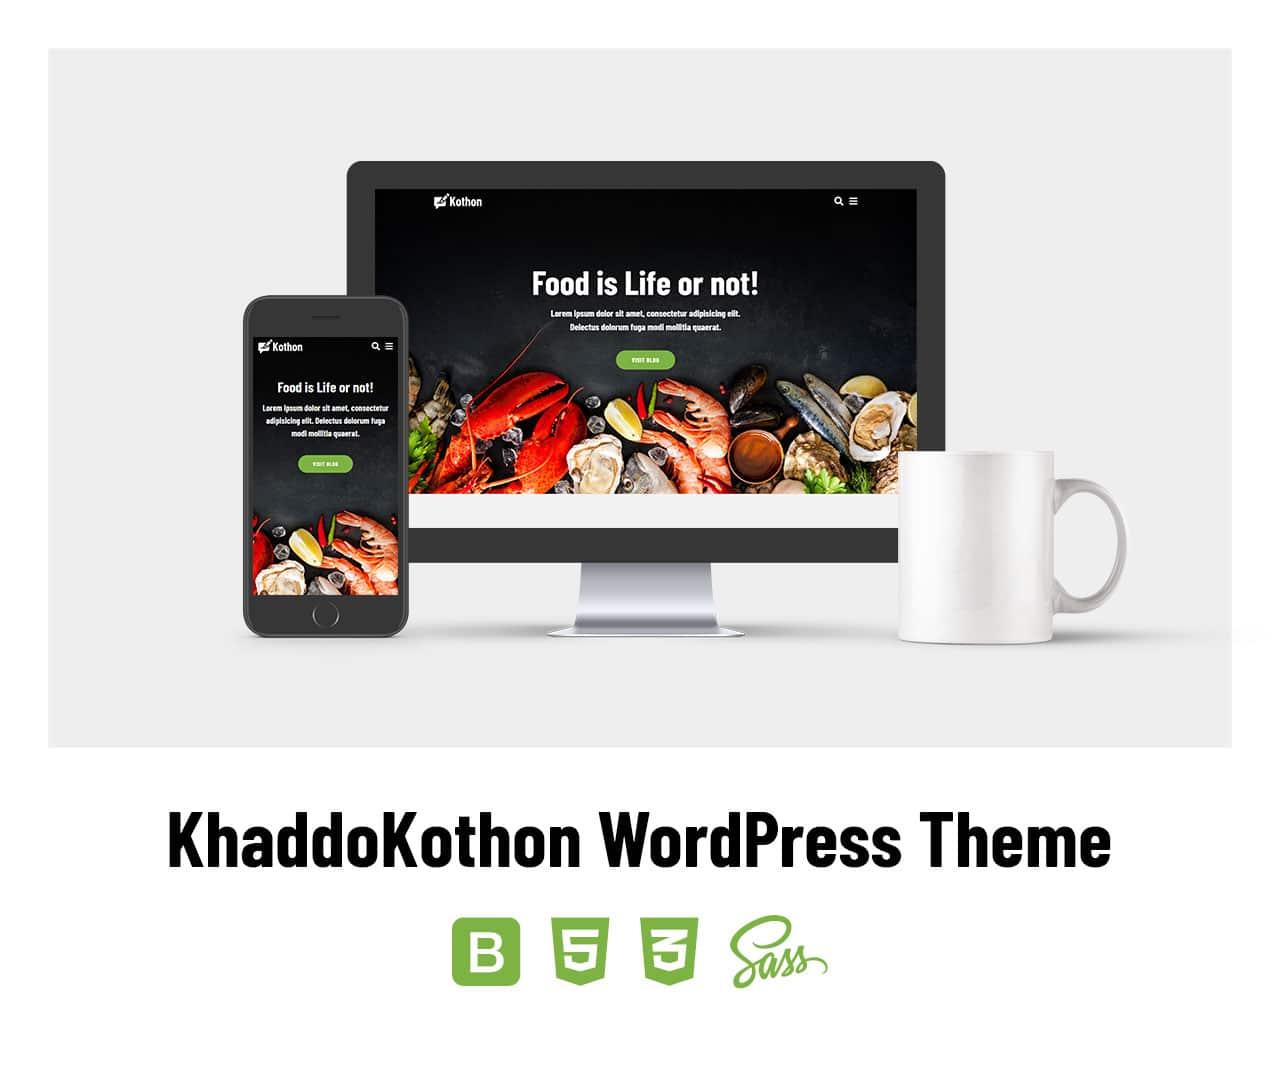 Khaddokothon